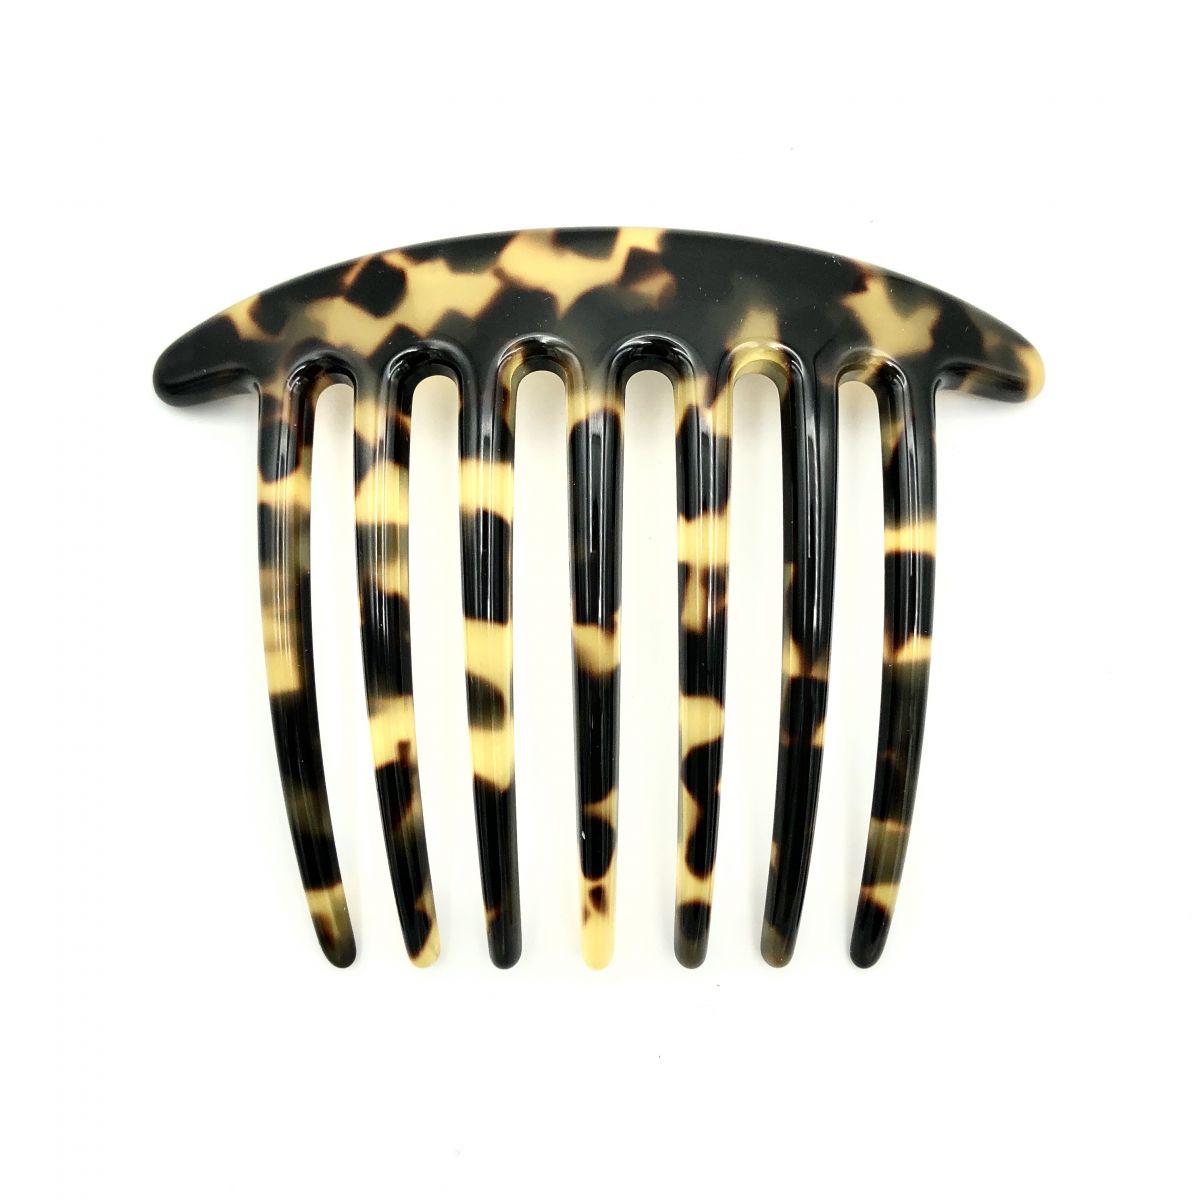 Steckkamm schwarz/honig - extra lange Zähne - 10,5 cm